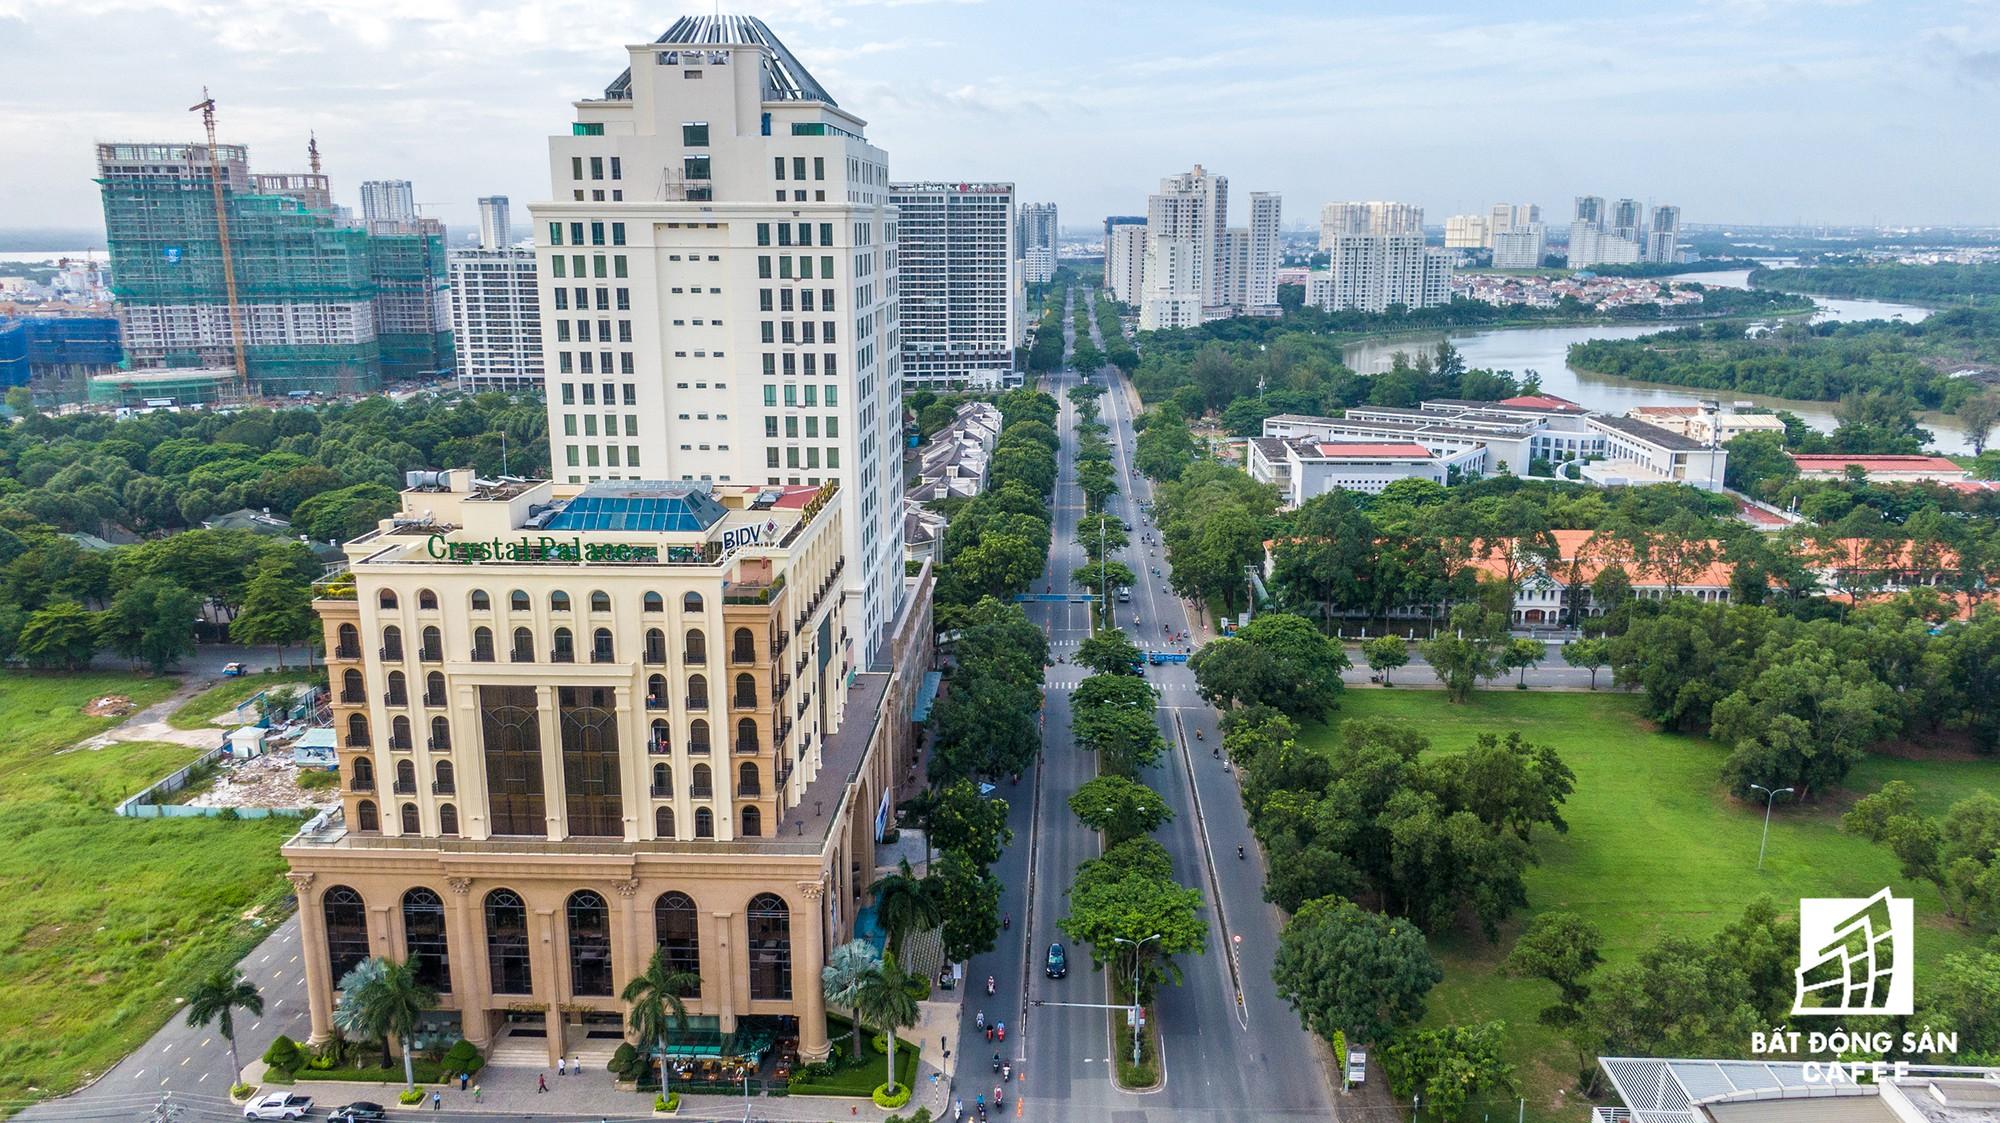 Có một trung tâm tài chính tại khu Nam Sài Gòn - Nơi giá nhà tăng chóng mặt - Ảnh 3.